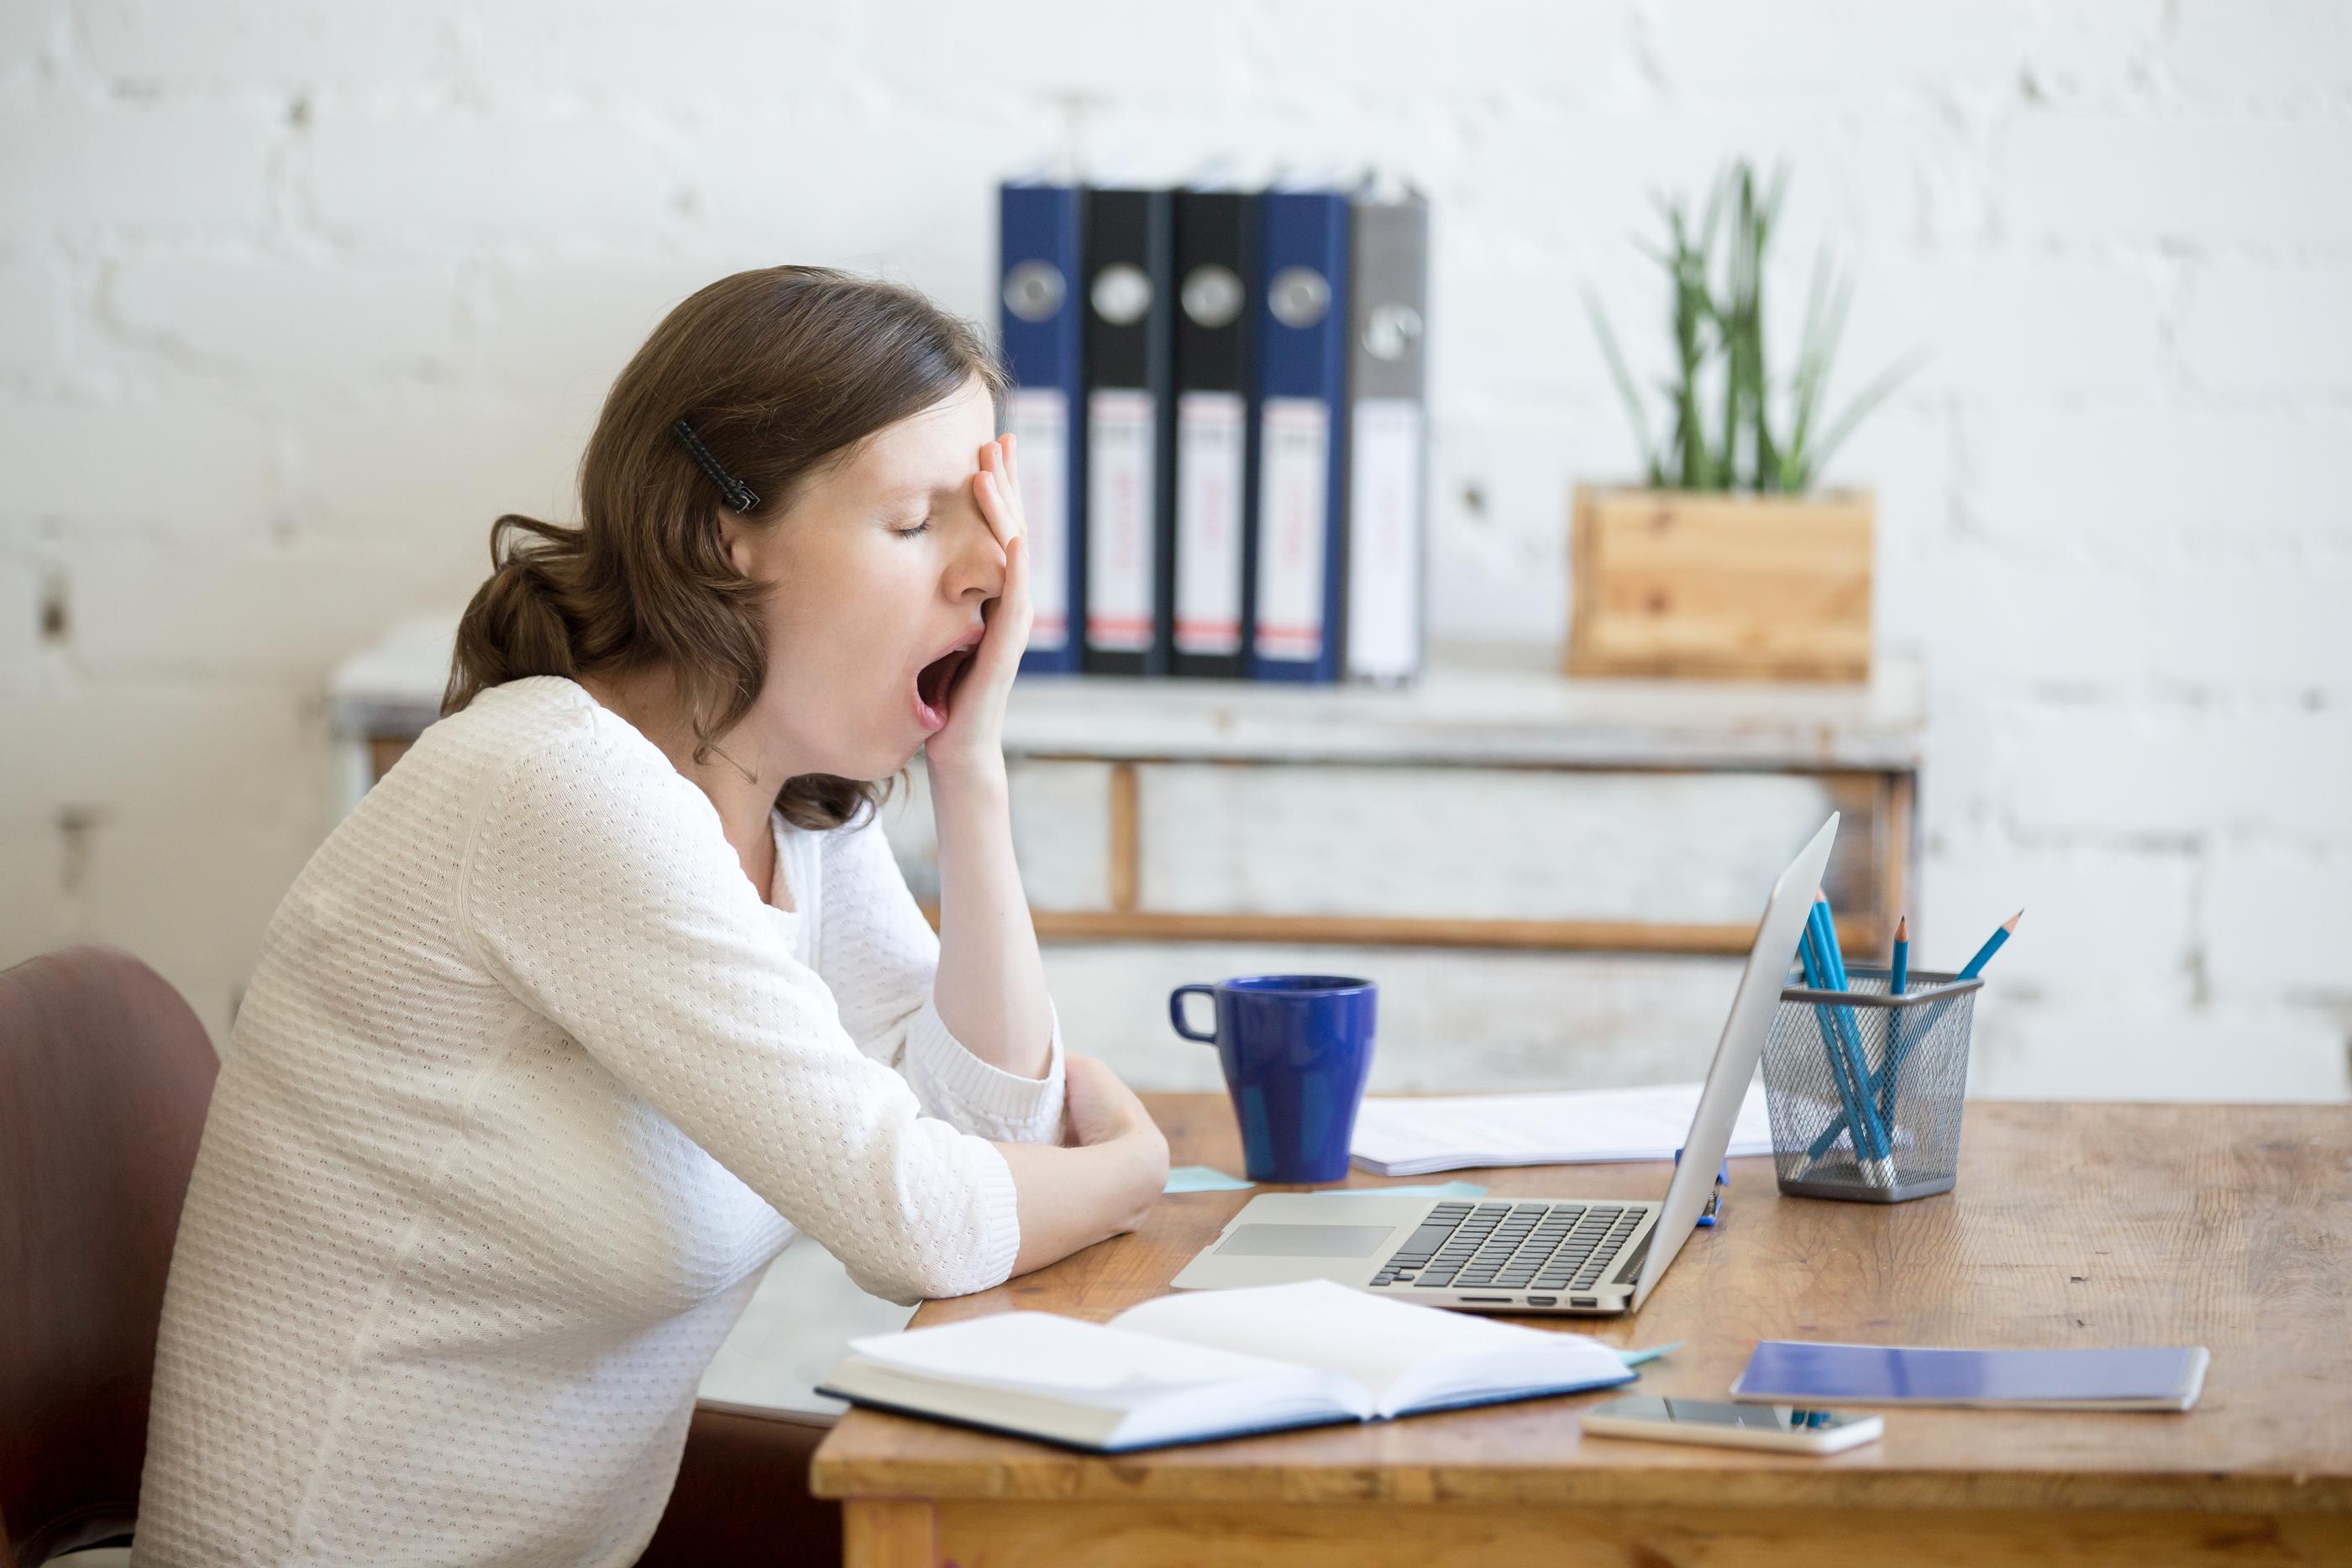 Sleepy Young Worker Woman Yawning